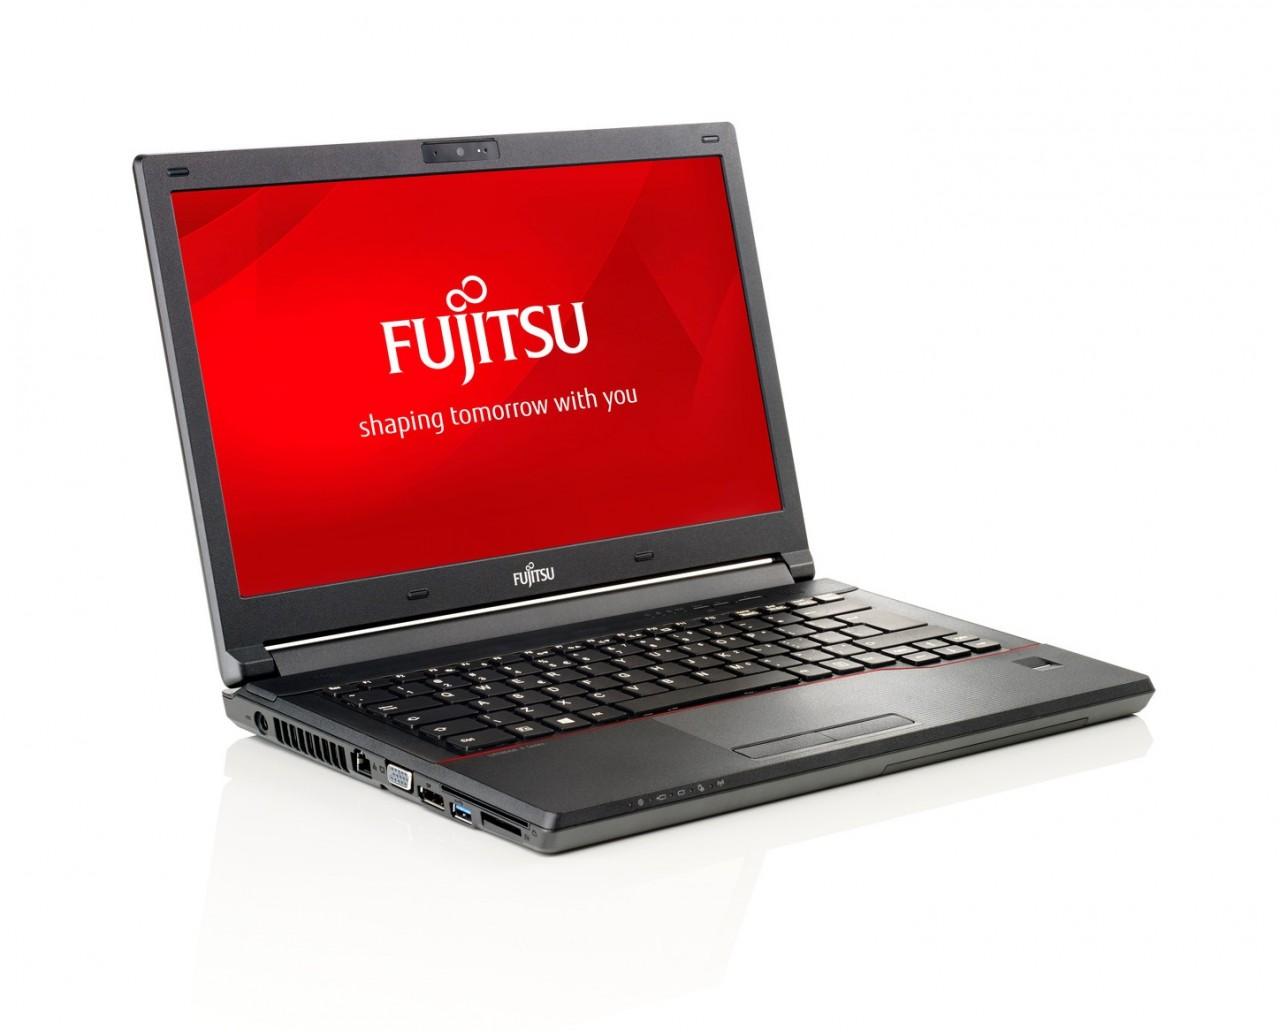 Fujitsu Lifebook E547 14-инчовите бизнес лаптопи са вече в България